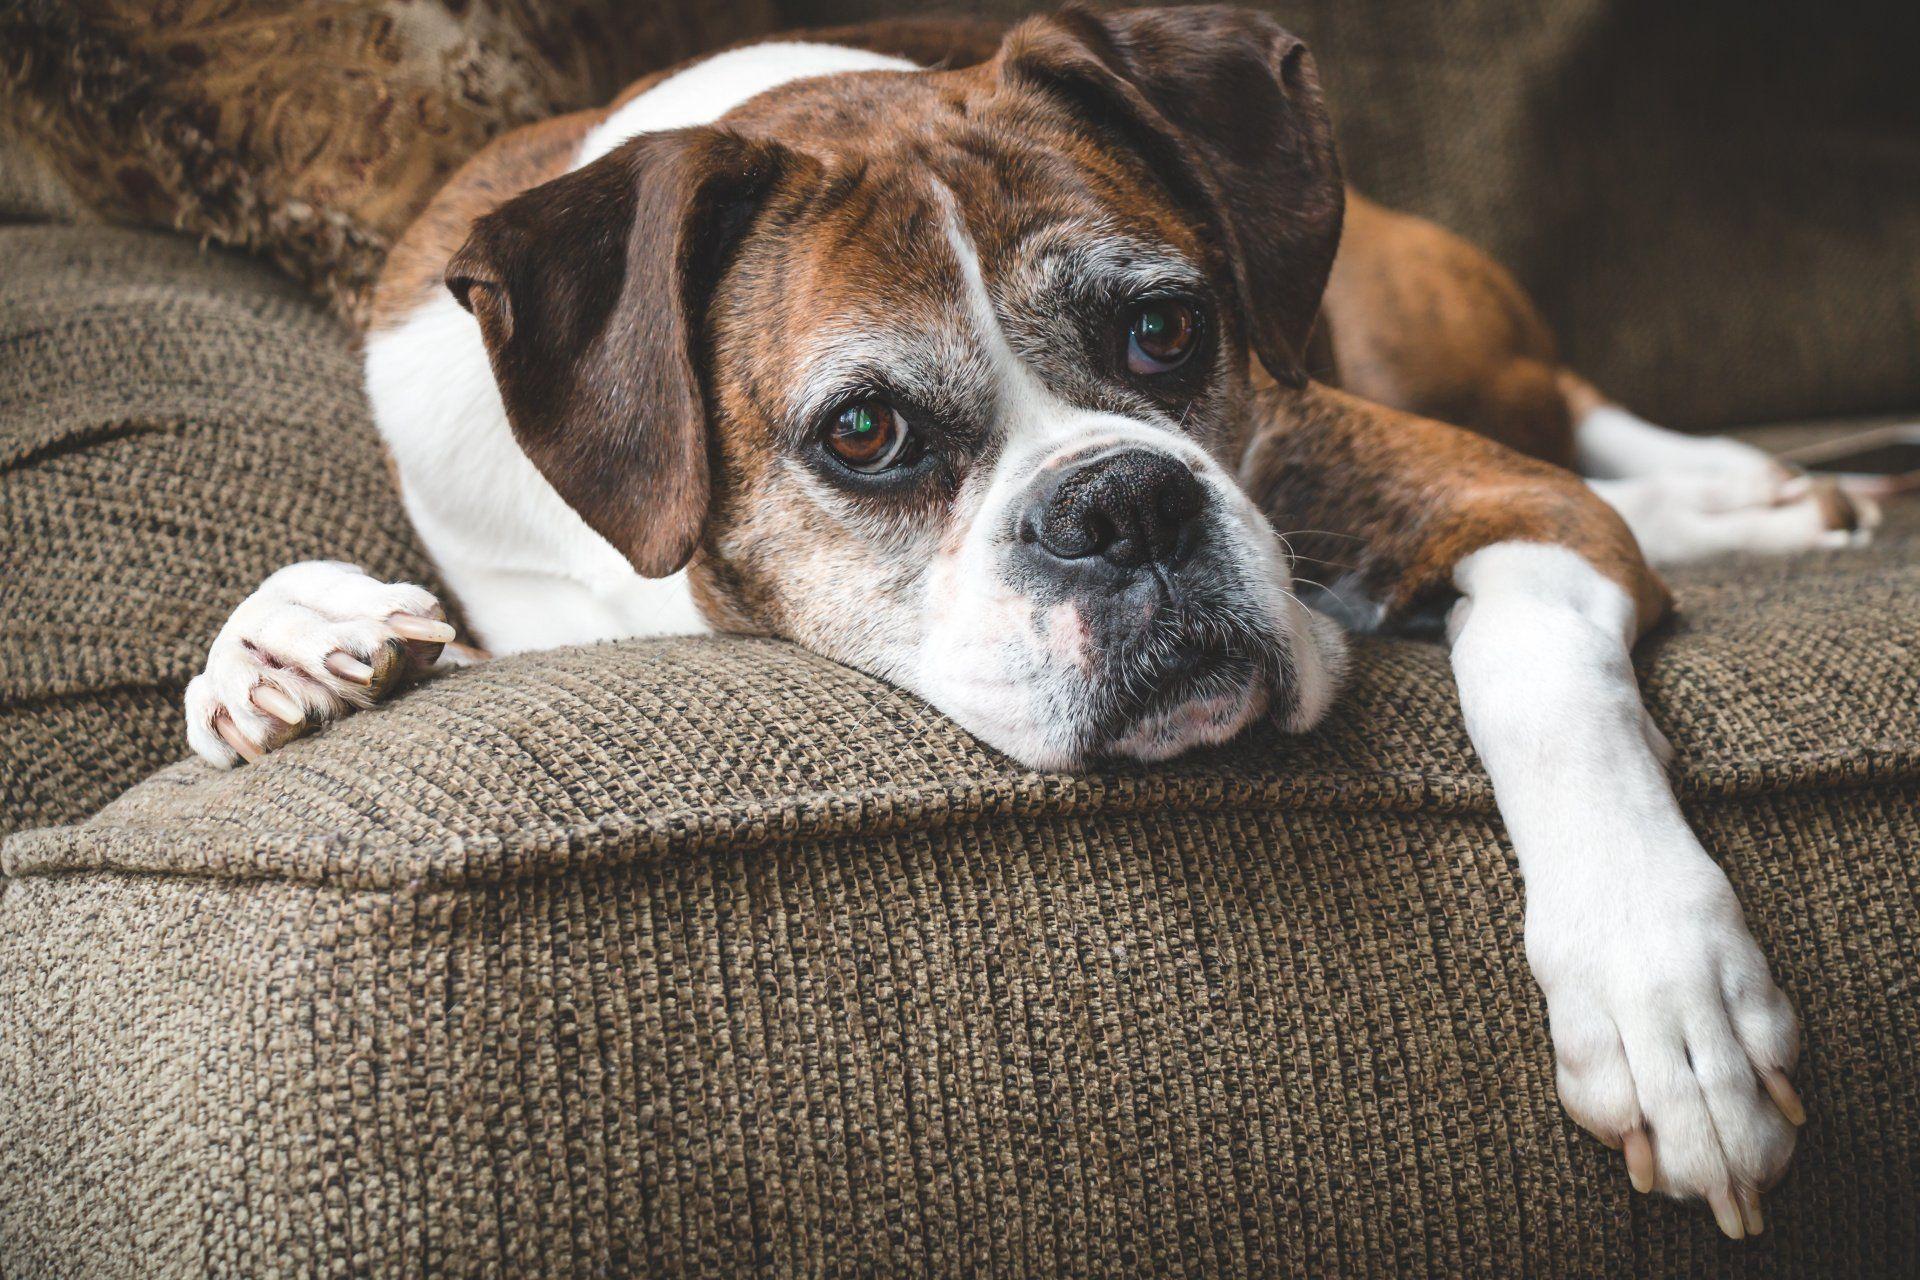 Senior Pet Care in Orlando, FL